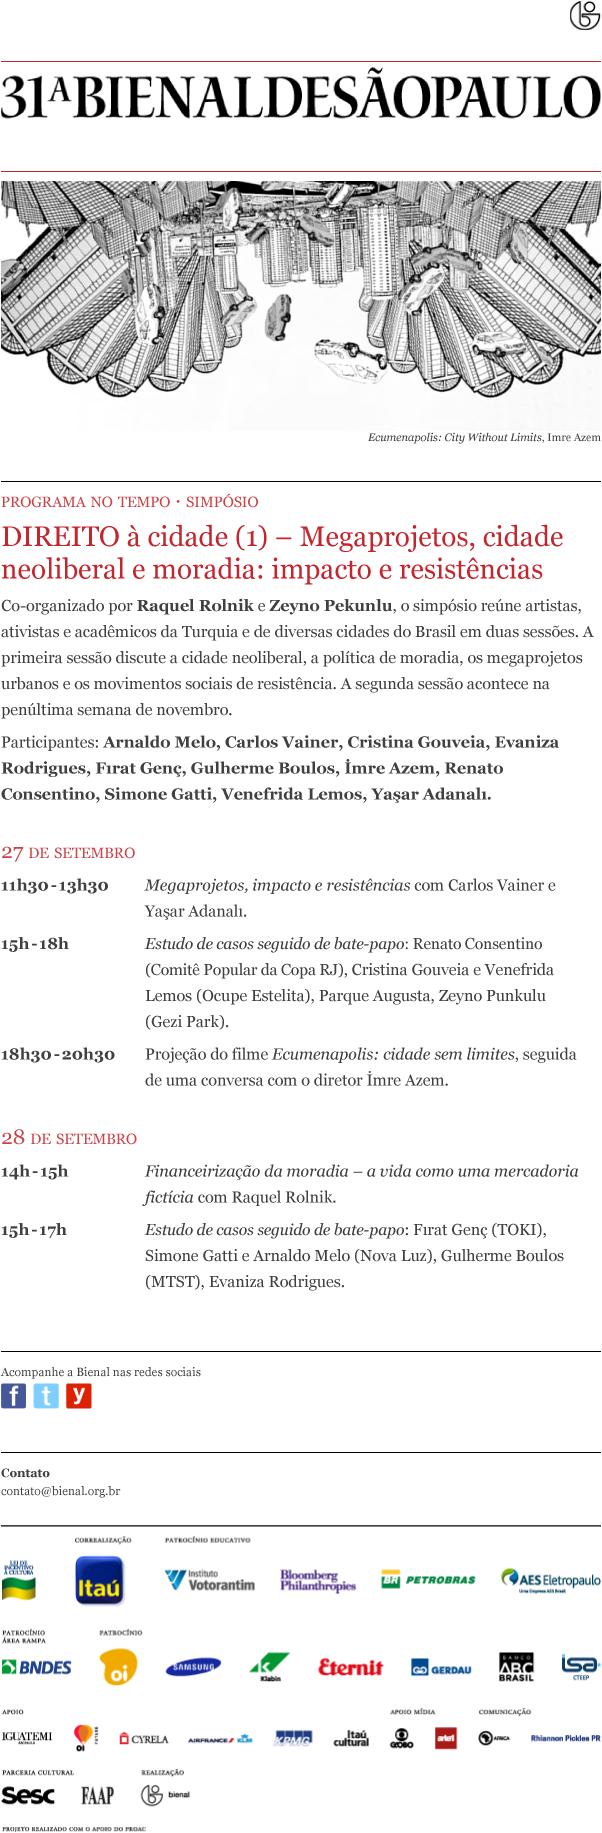 31abienal-newsletter-programacao(1)